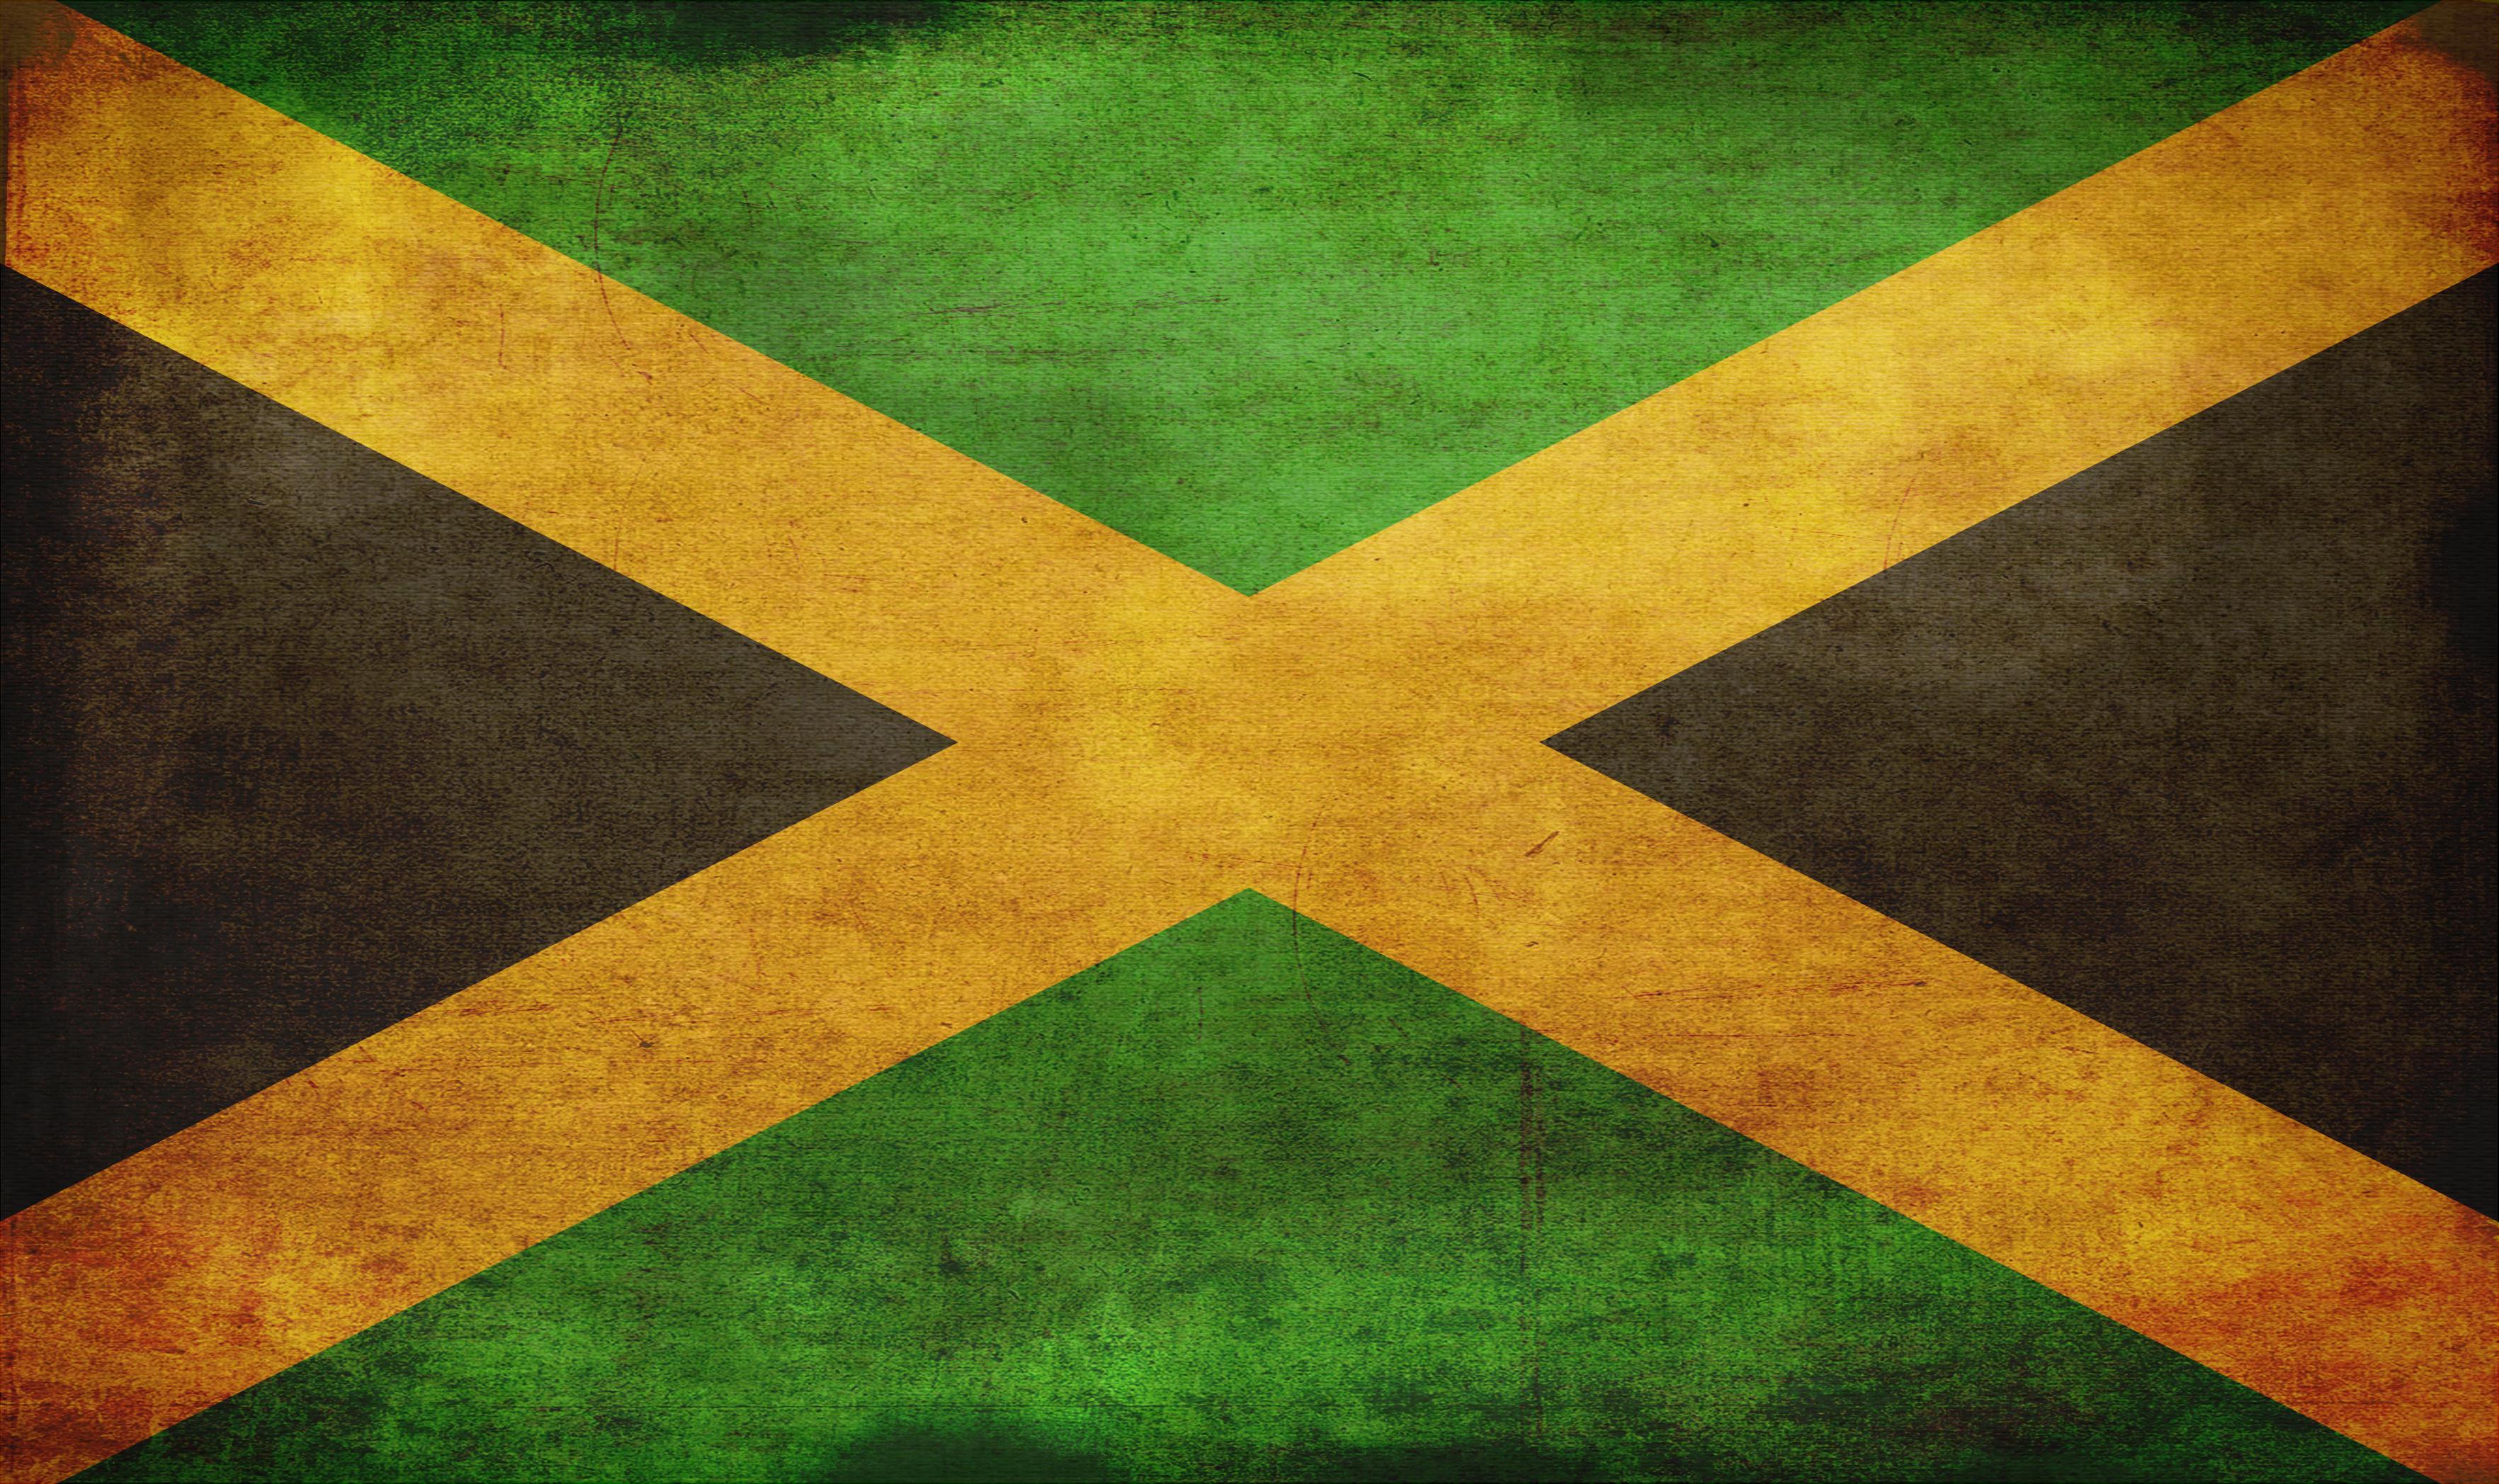 jamaican flag wallpaper wallpapersafari